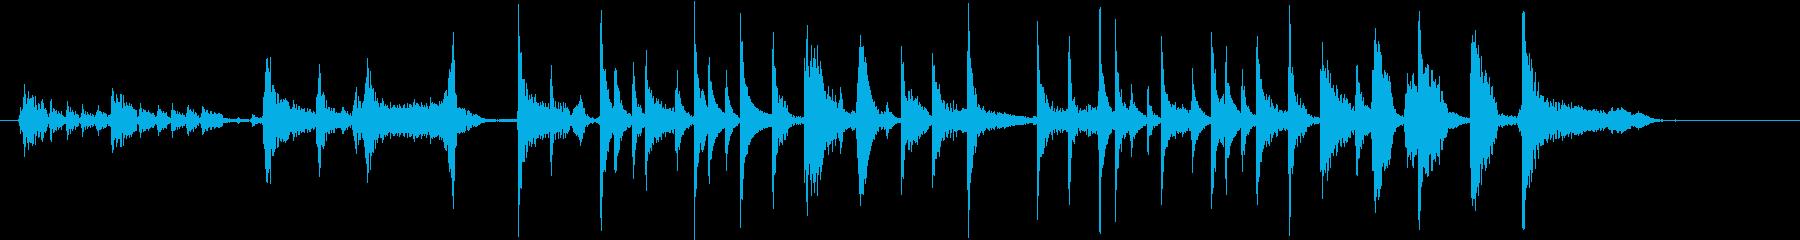 パーカッシブギターの再生済みの波形